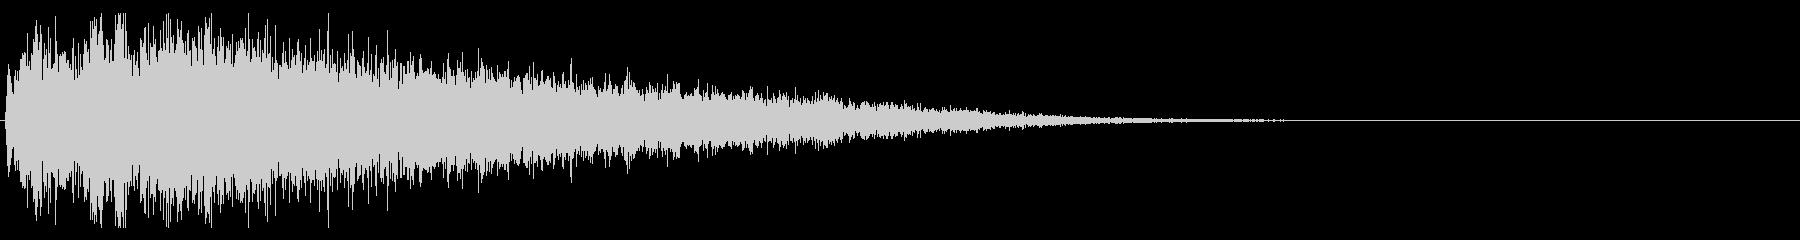 (インパクト)ドラ・ジャーン_01の未再生の波形